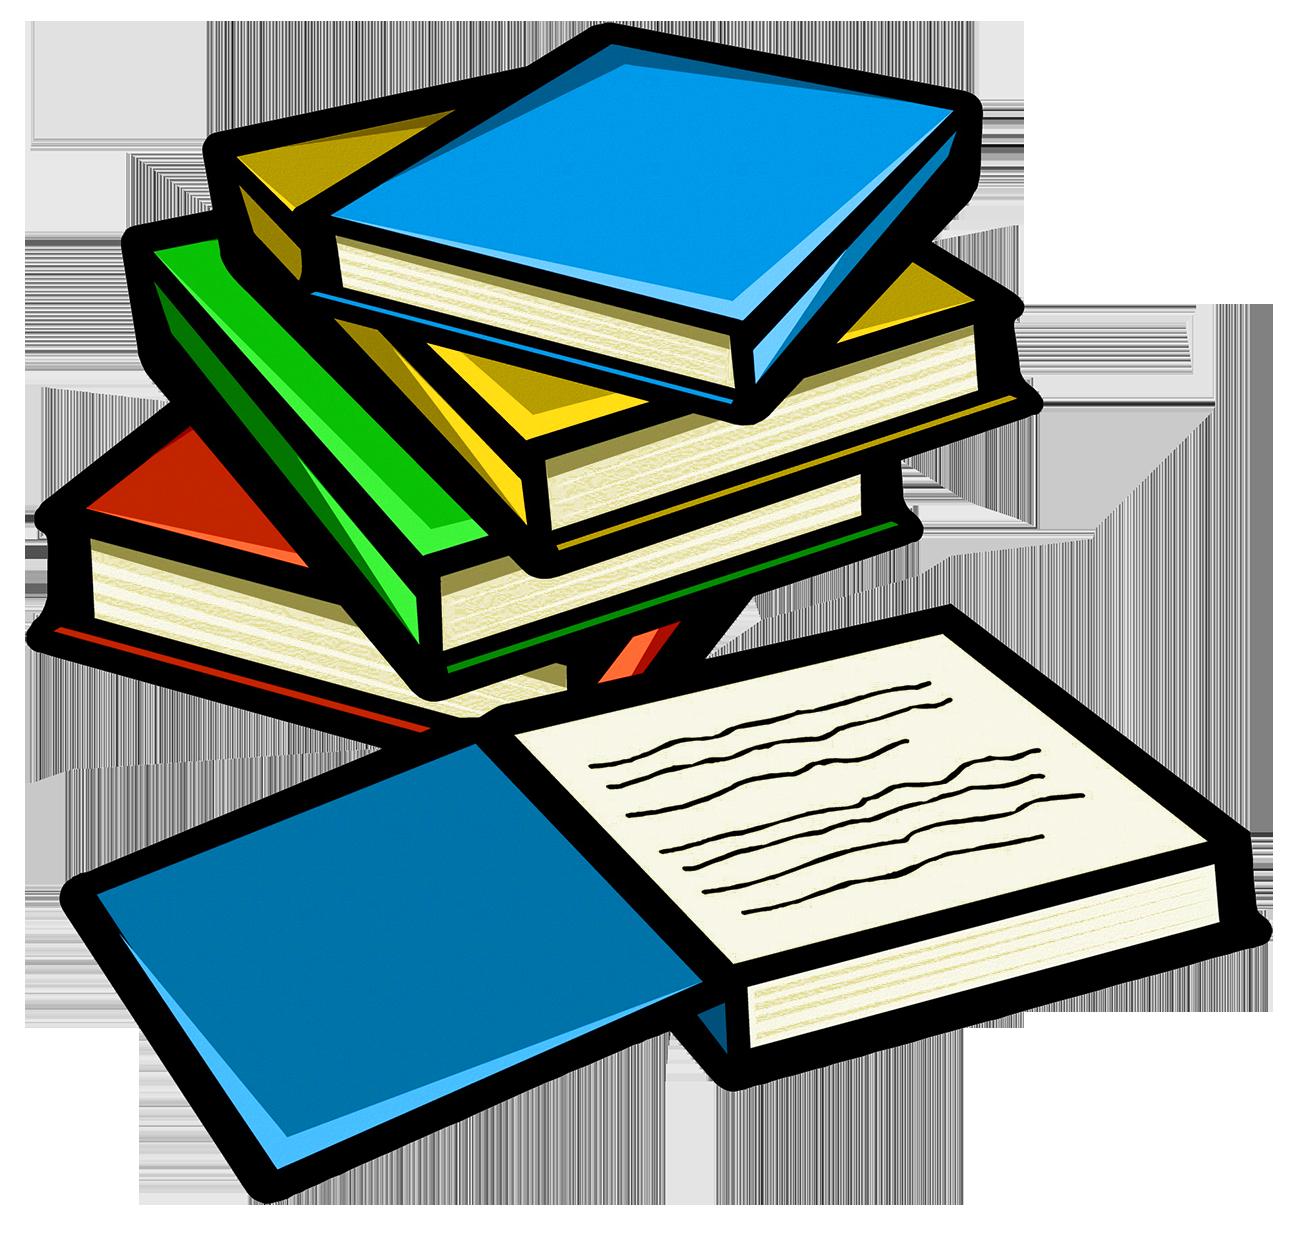 staple books open book